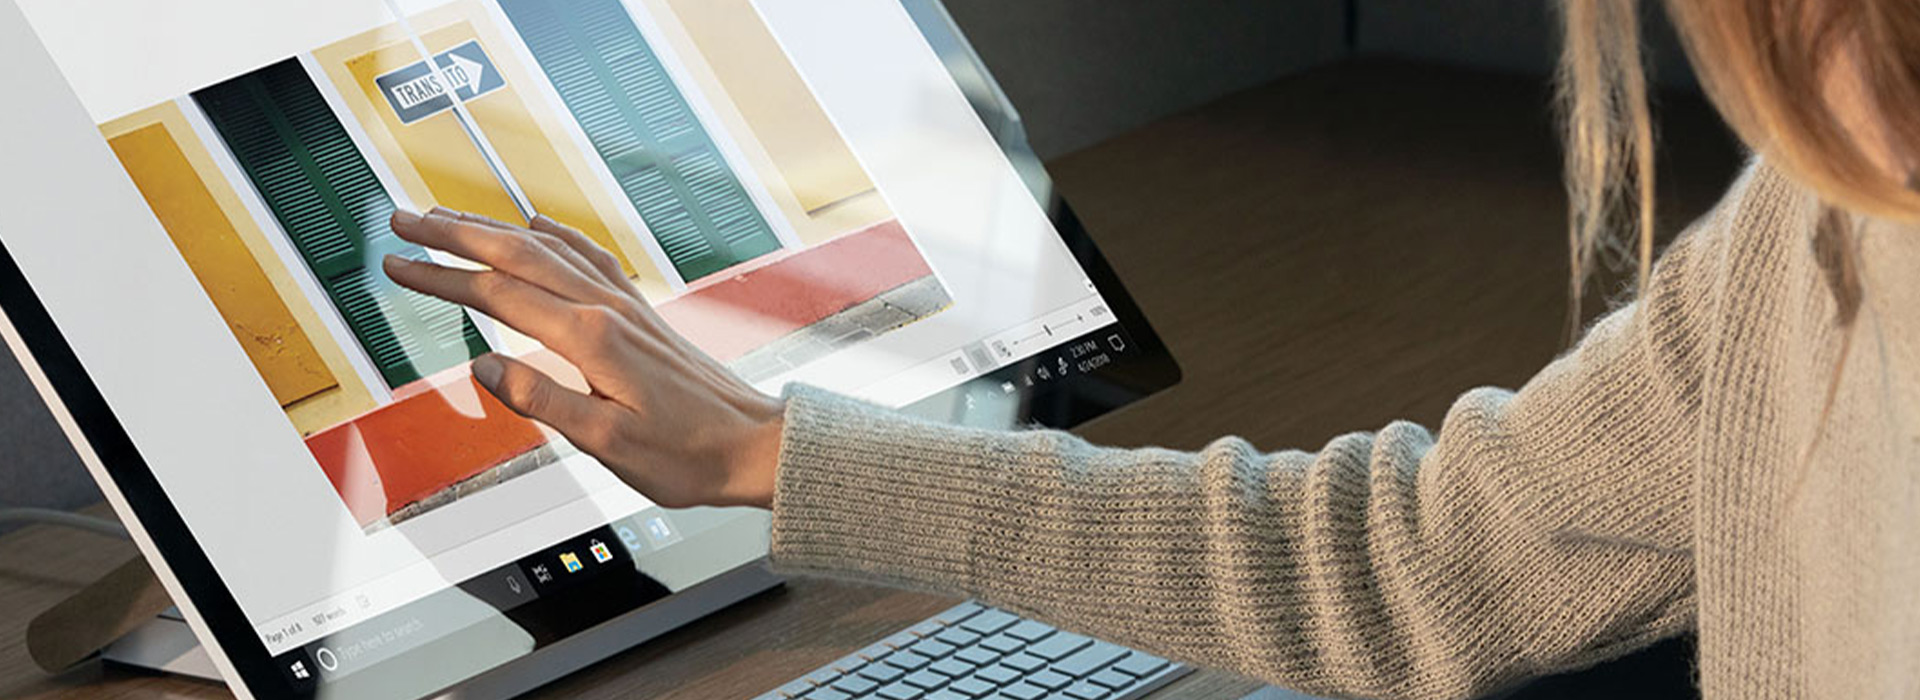 Surface Studio でタッチスクリーンを使う女性